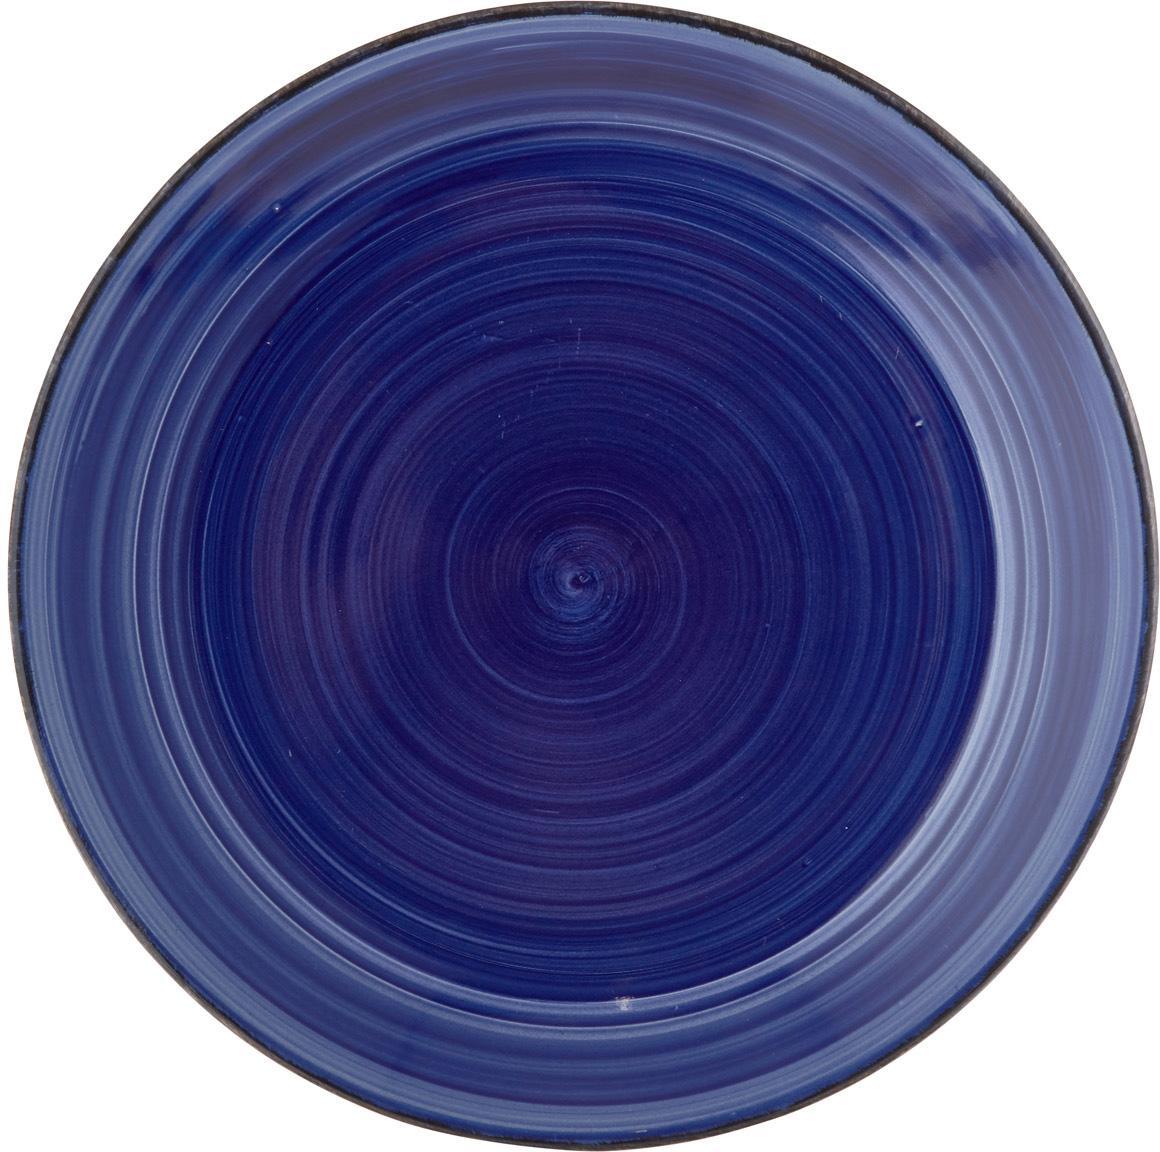 Handbemalte Speiseteller Baita in Blau, 6 Stück, Steingut (Dolomitstein), handbemalt, Blau, Ø 27 cm